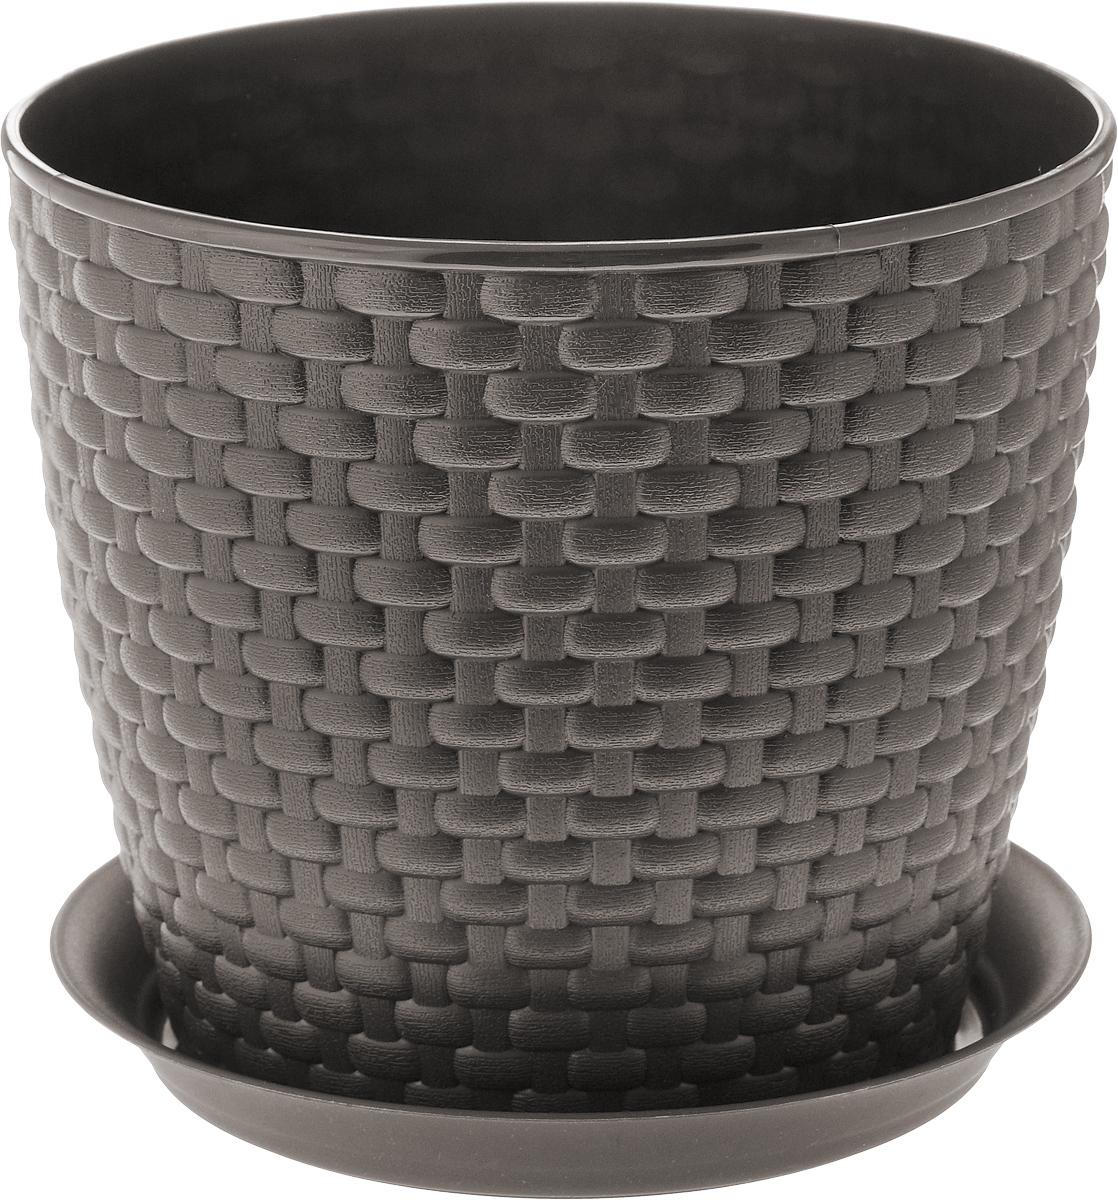 Кашпо Idea Ротанг, с поддоном, цвет: коричневый, 3 лМ 3082_коричневыйКашпо Idea Ротанг изготовлено из высококачественного пластика. Специальный поддон предназначен для стока воды. Изделие прекрасно подходит для выращивания растений и цветов в домашних условиях. Лаконичный дизайн впишется в интерьер любого помещения. Диаметр поддона: 18 см. Объем кашпо: 3 л. Диаметр кашпо по верхнему краю: 18 см. Высота кашпо: 16 см.